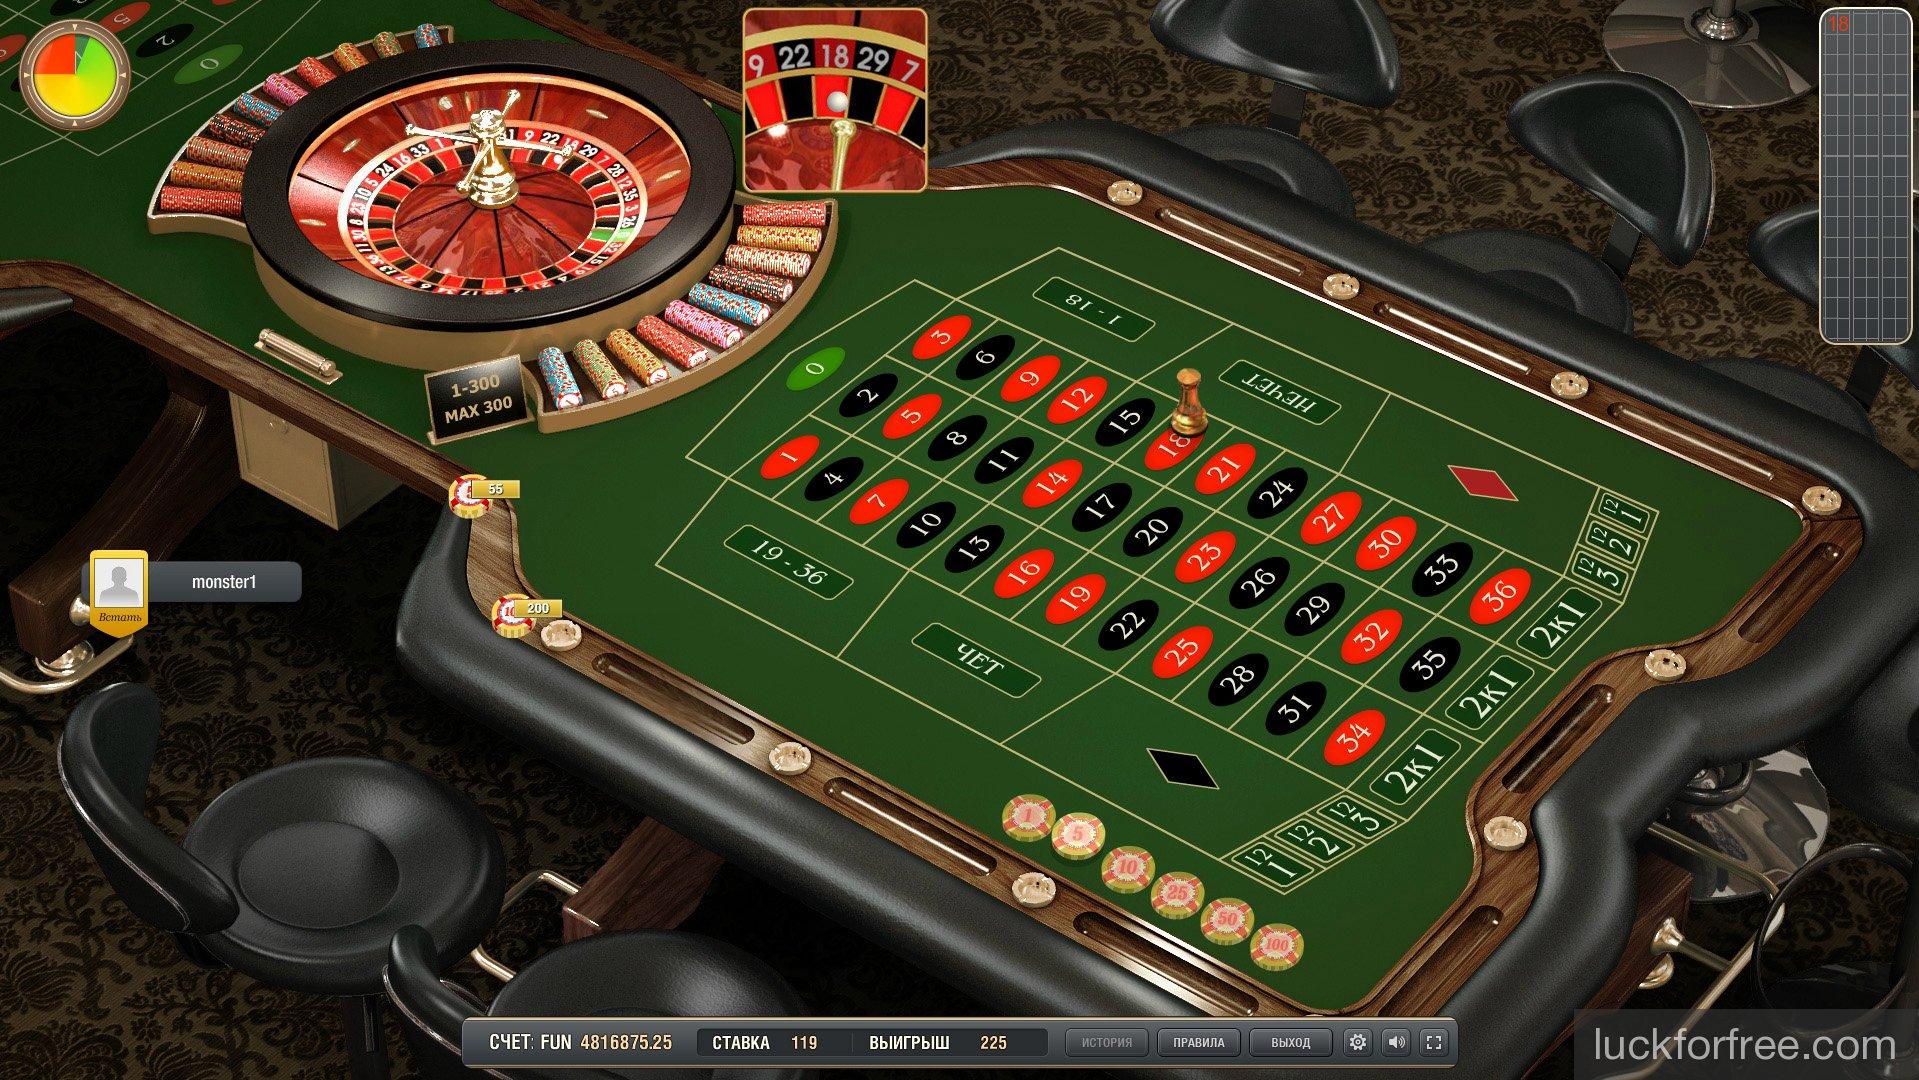 Бесплатные слот автоматы обезьяна и кекс играть в техас холдем покер онлайн бесплатно